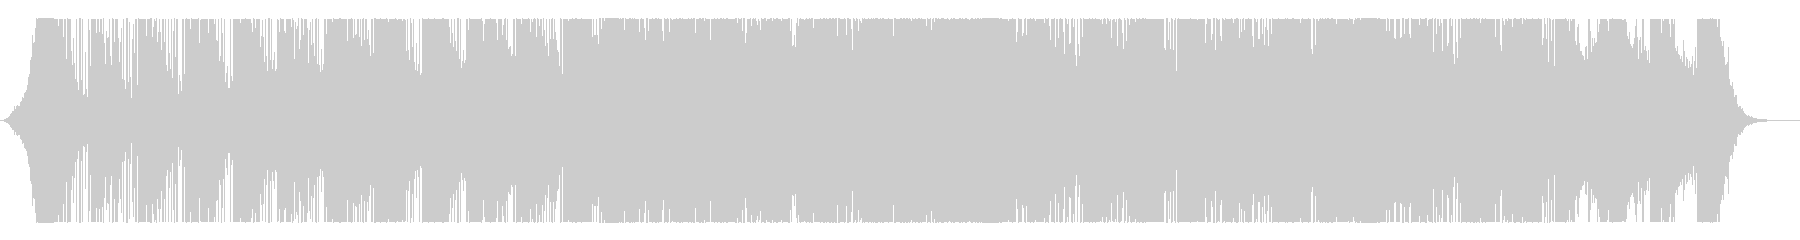 アコギのリフと幻想的なカフェサウンドの未再生の波形